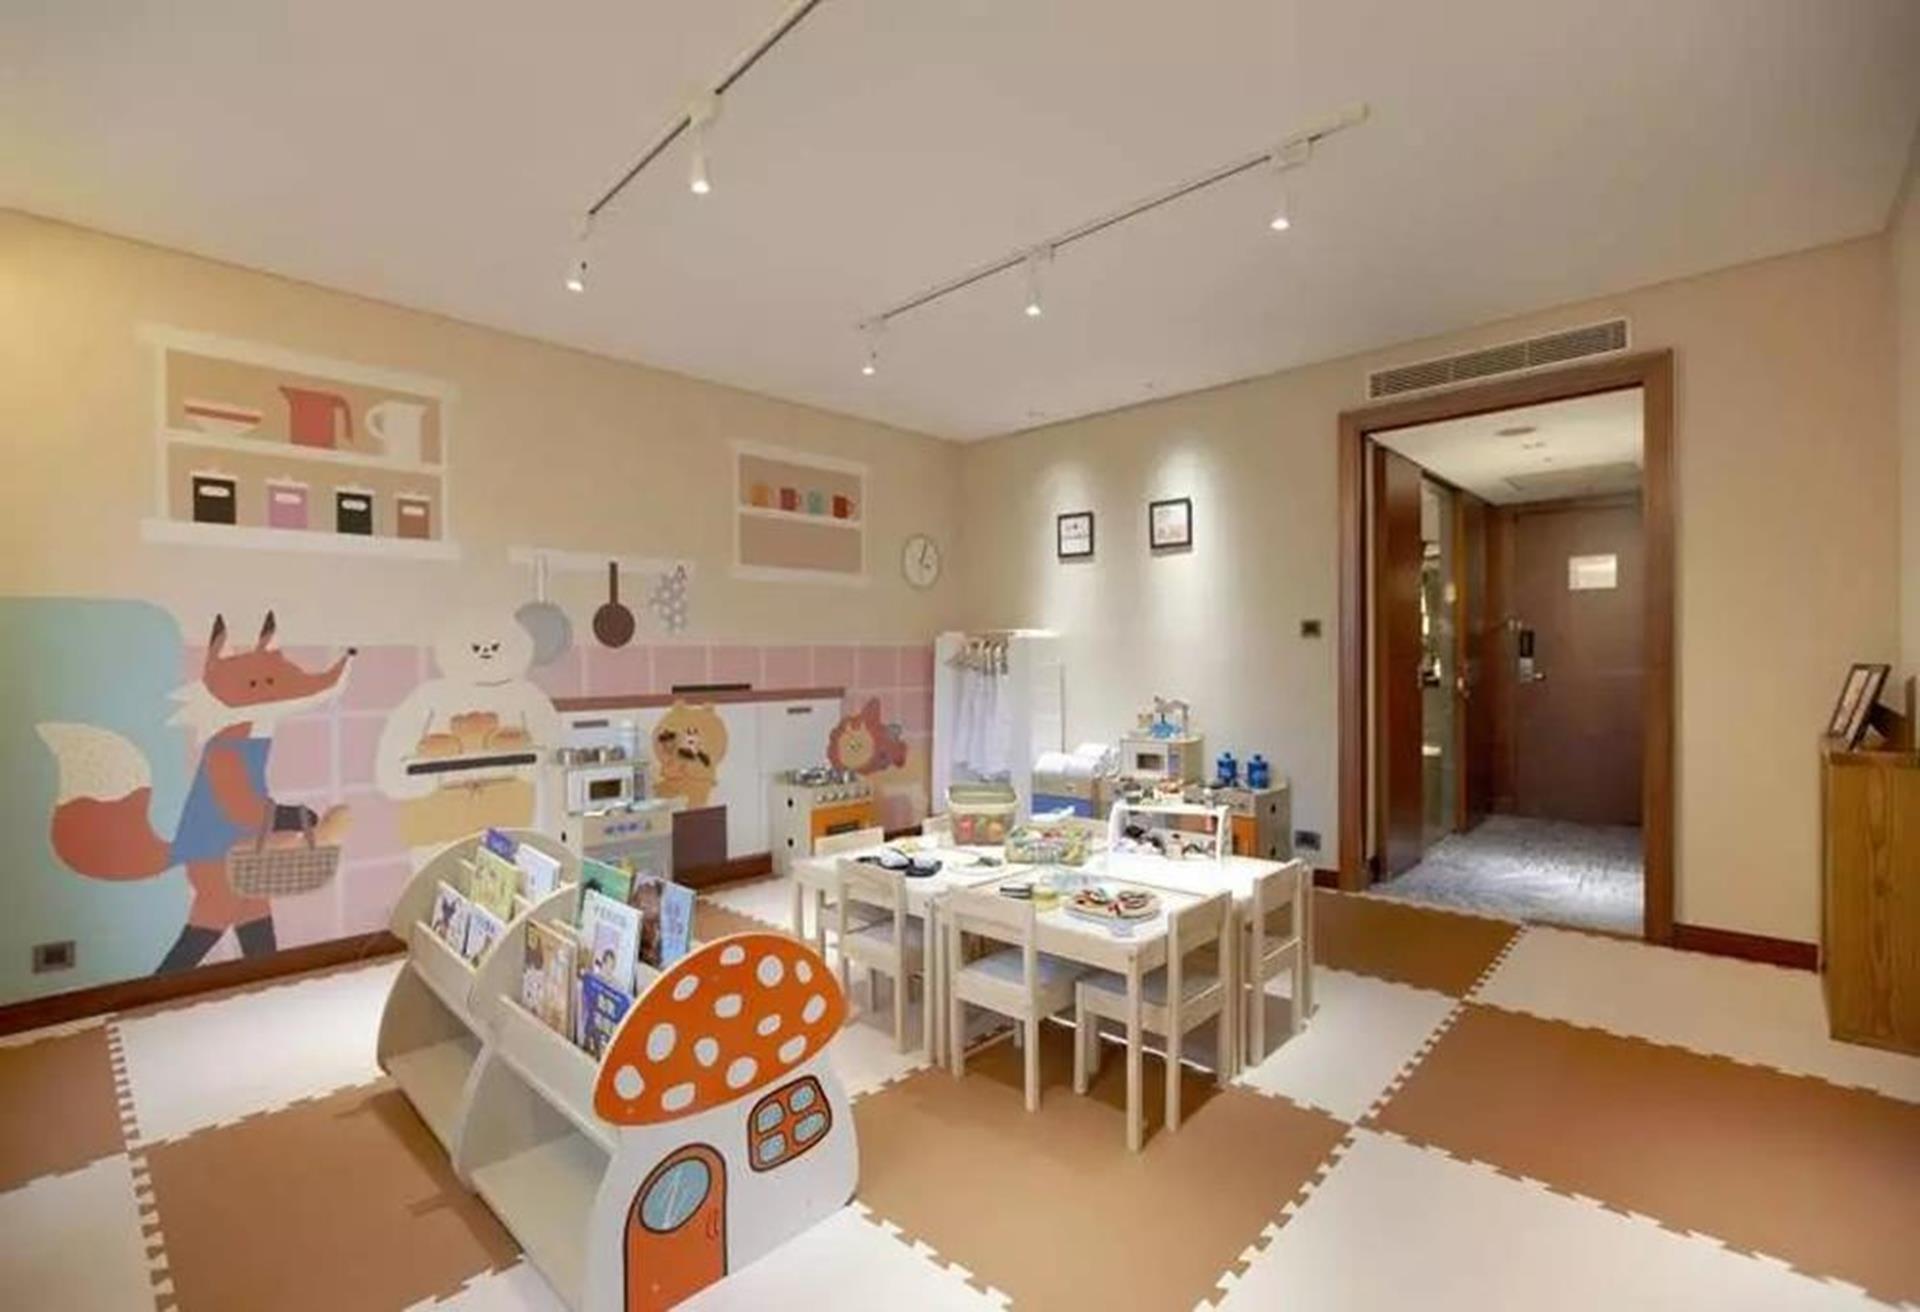 台北親子飯店推薦 - 台北喜來登大飯店手拉手樂園的娃娃廚房區